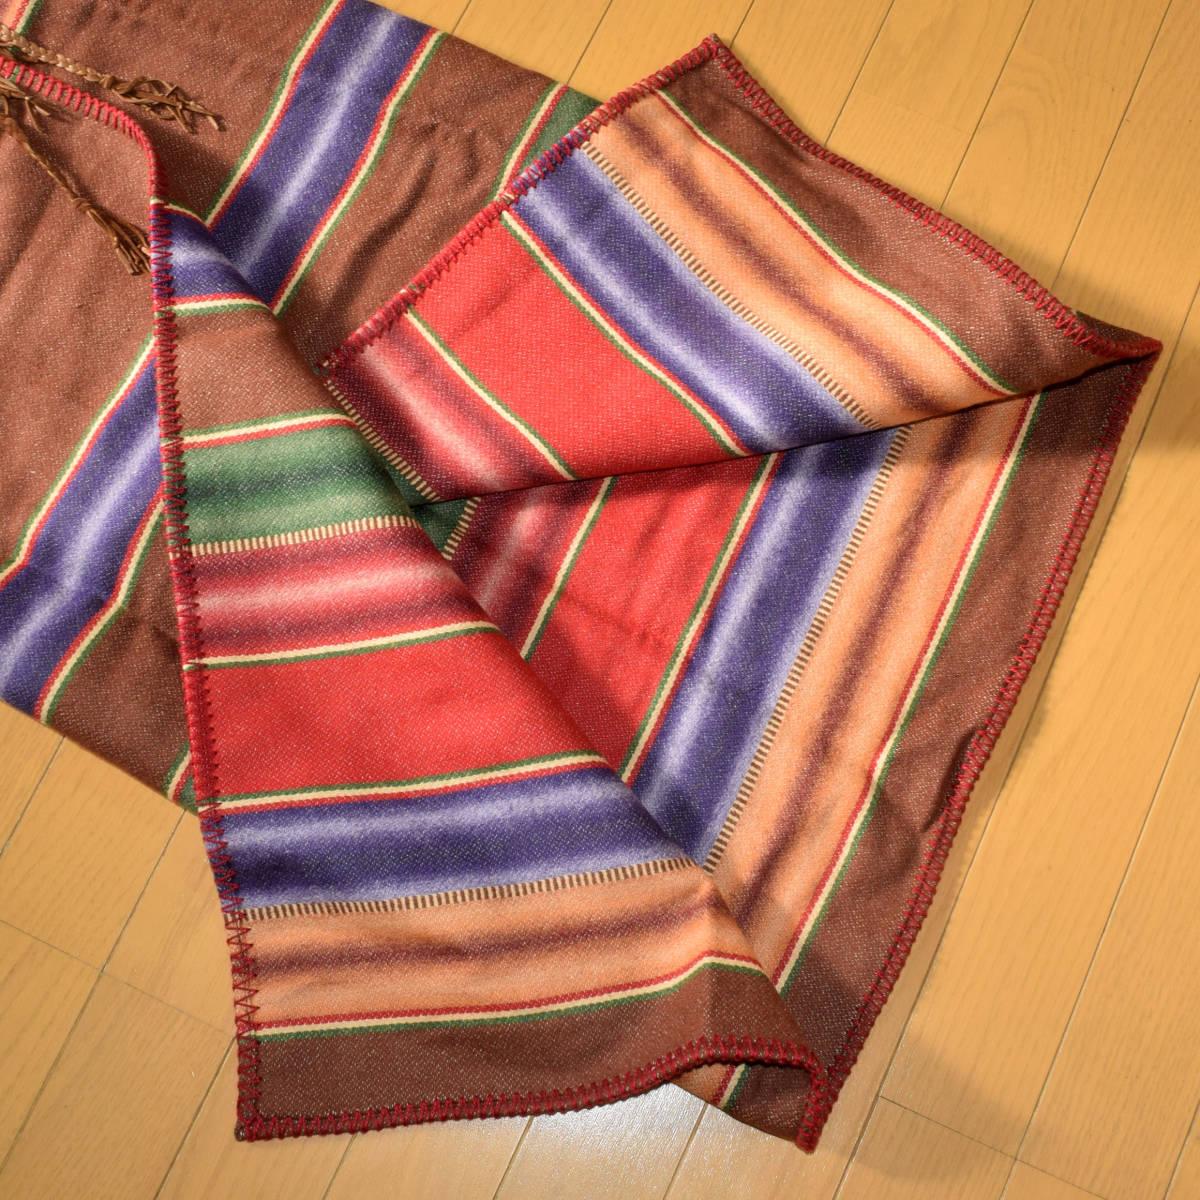 美品!USA製 ポロカントリー ネイティブ柄 ブランケット S ラグ ロング 巻きスカート コンチョ付 古着 ナバホ インディアン ビンテージ_画像4